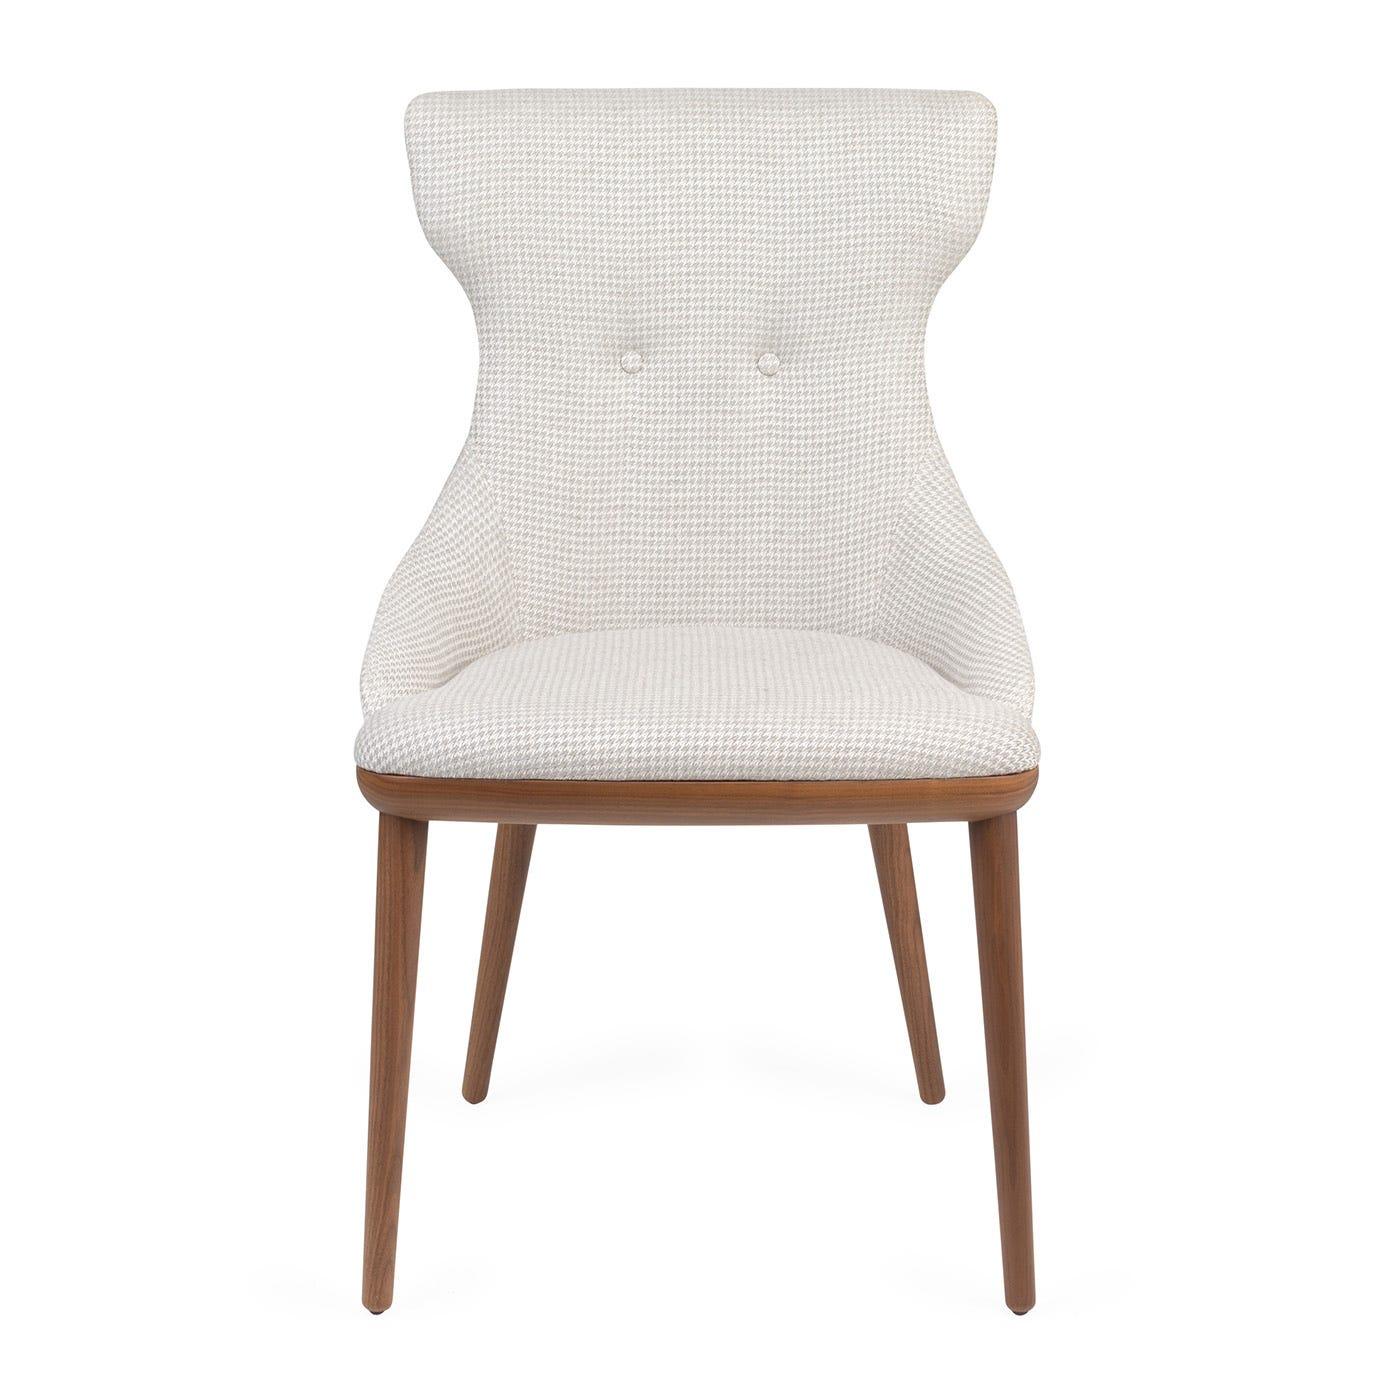 Porada Andy Chair Walnut Var. A 03